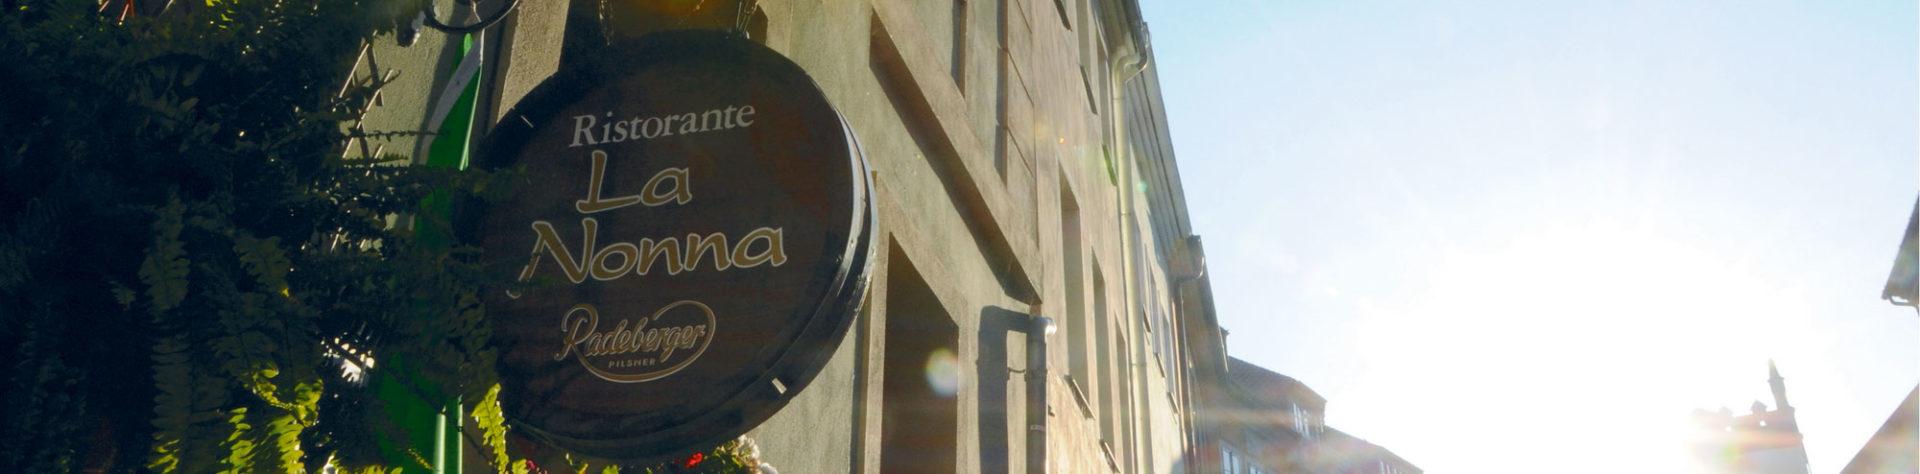 Pizzeria-Ristorante La Nonna Bautzen